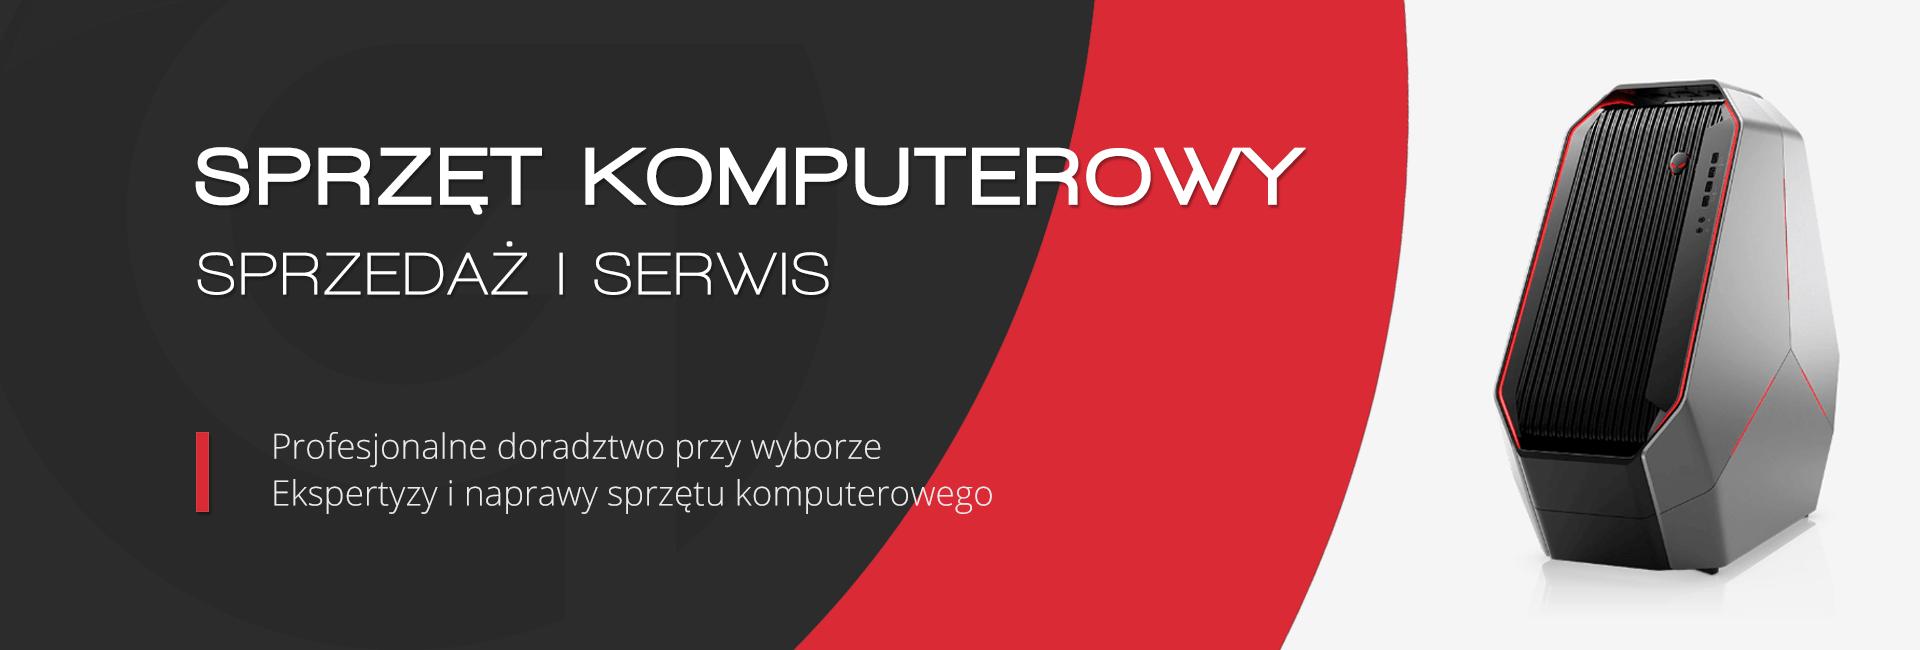 Sprzedaż i serwis sprzętu komputerowego